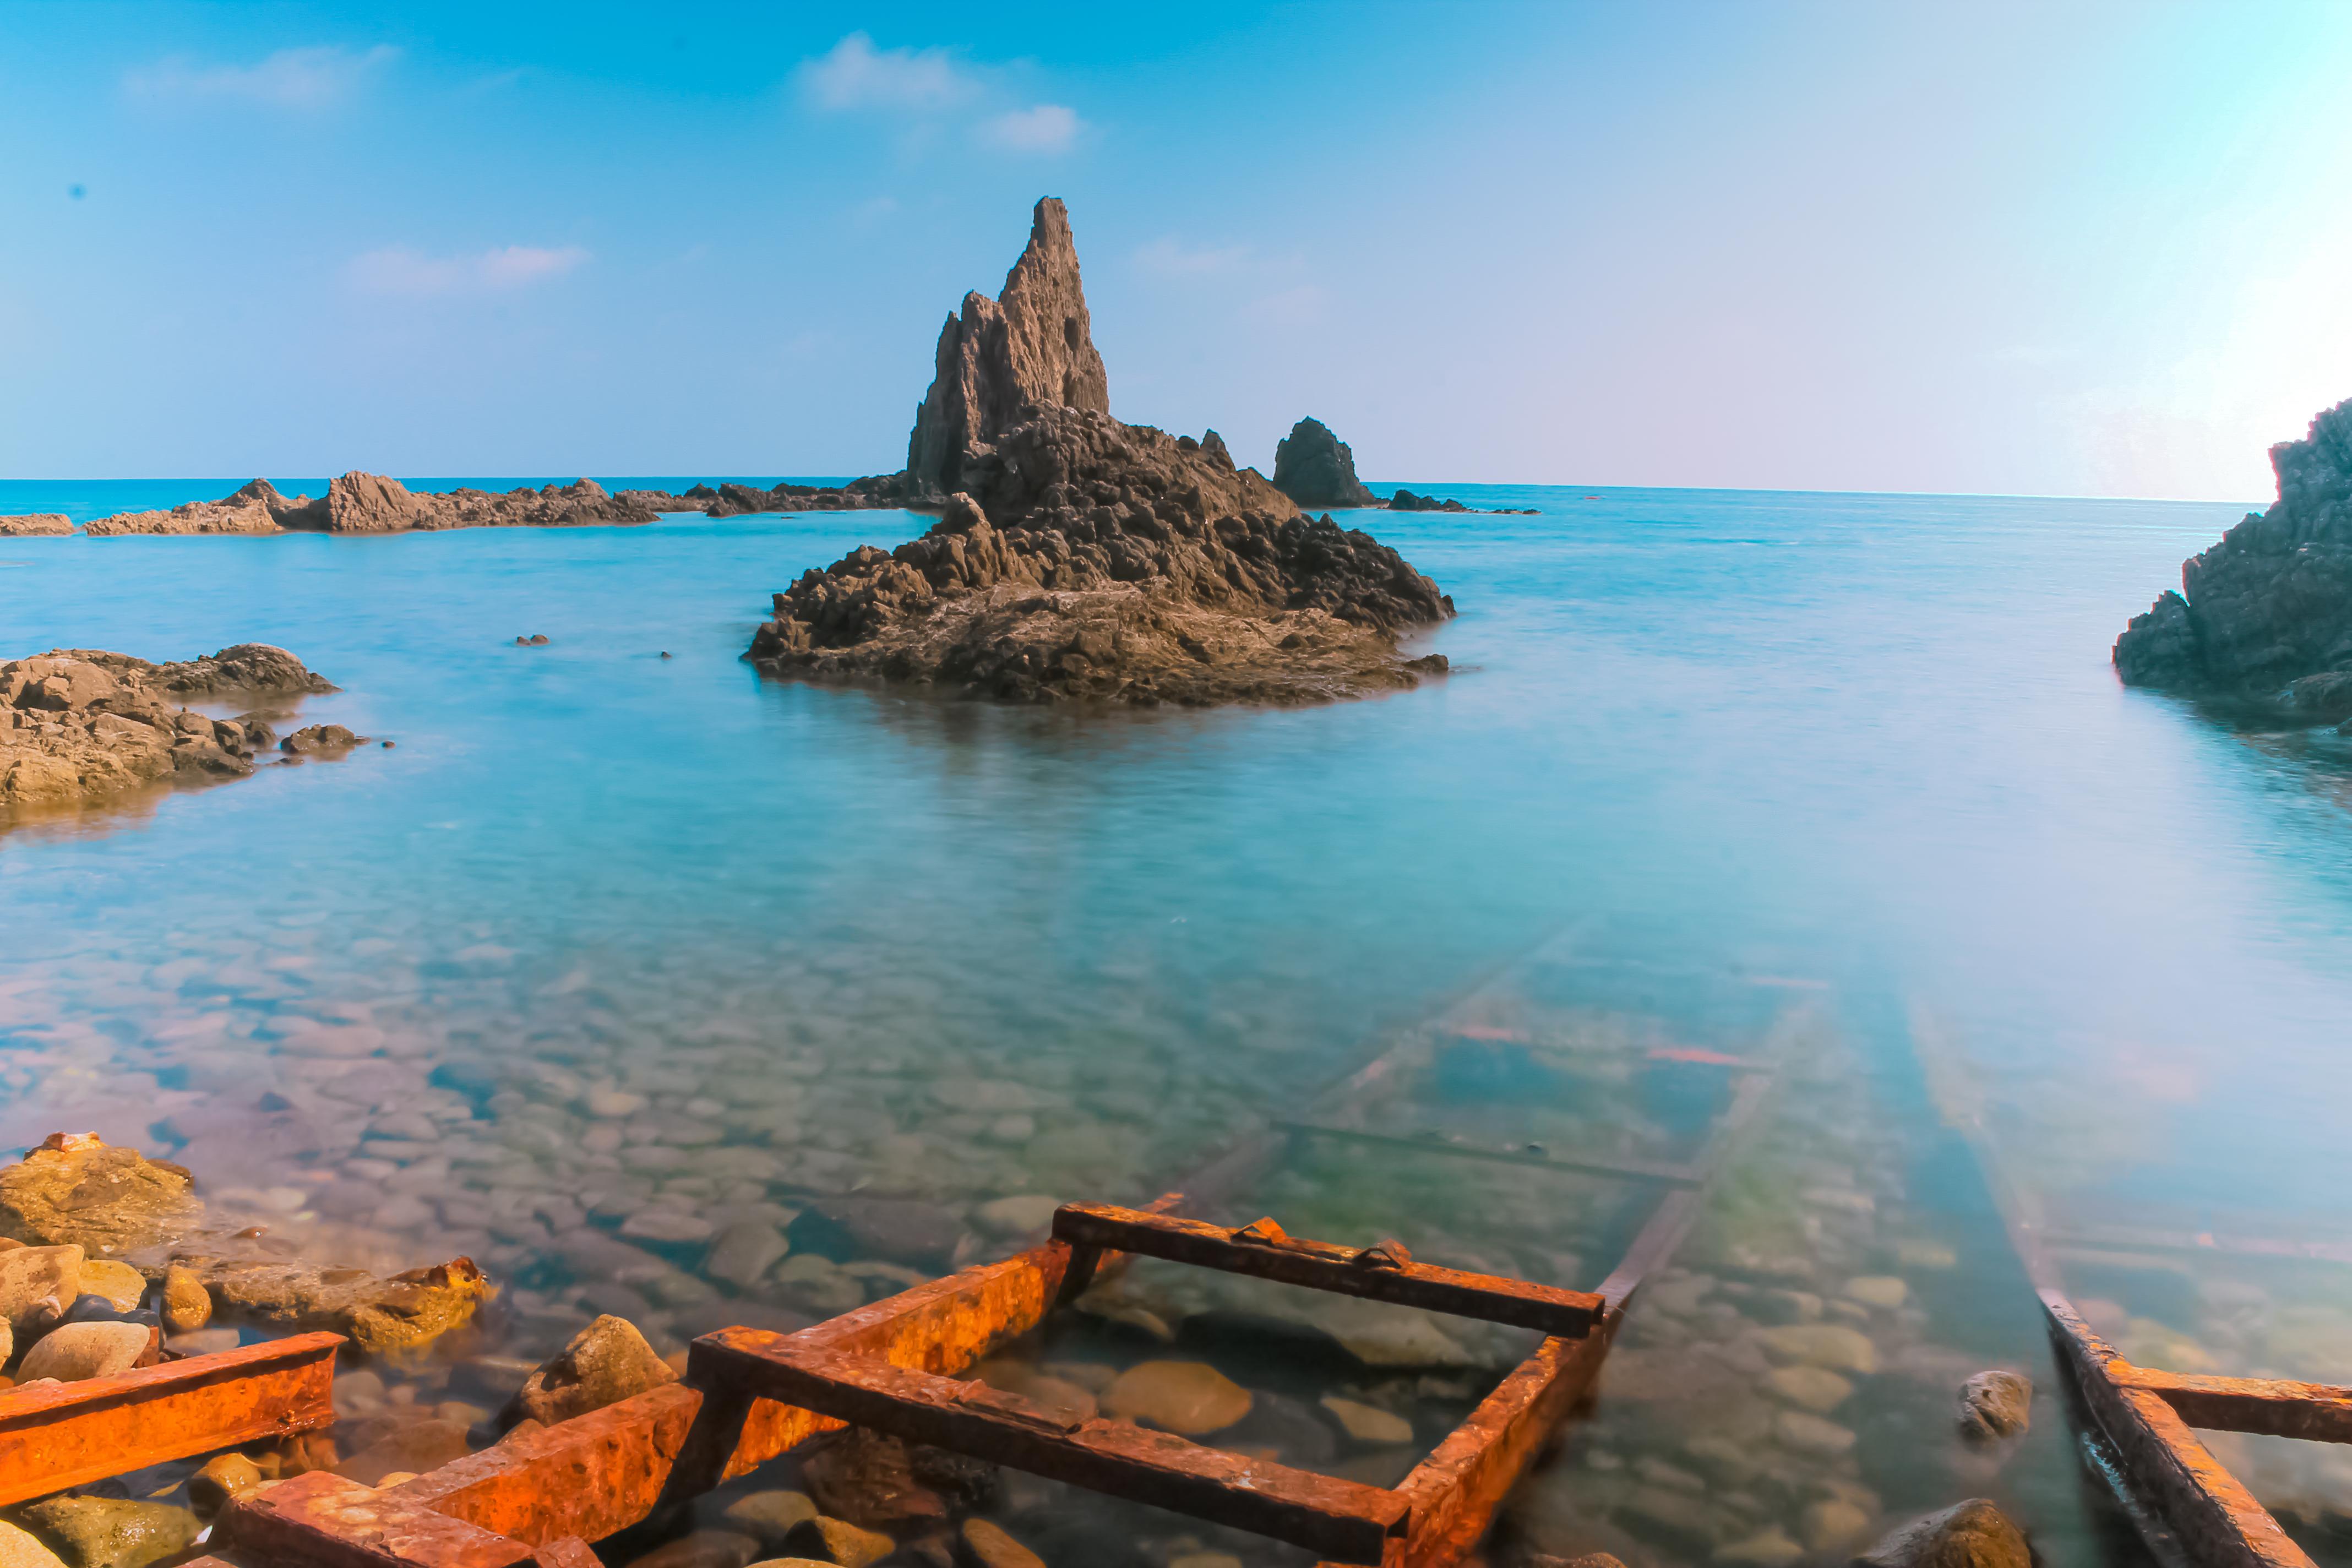 Archivo:Arrecife de Las Sirenas, Cabo de Gata.jpg - Wikipedia, la enciclopedia libre